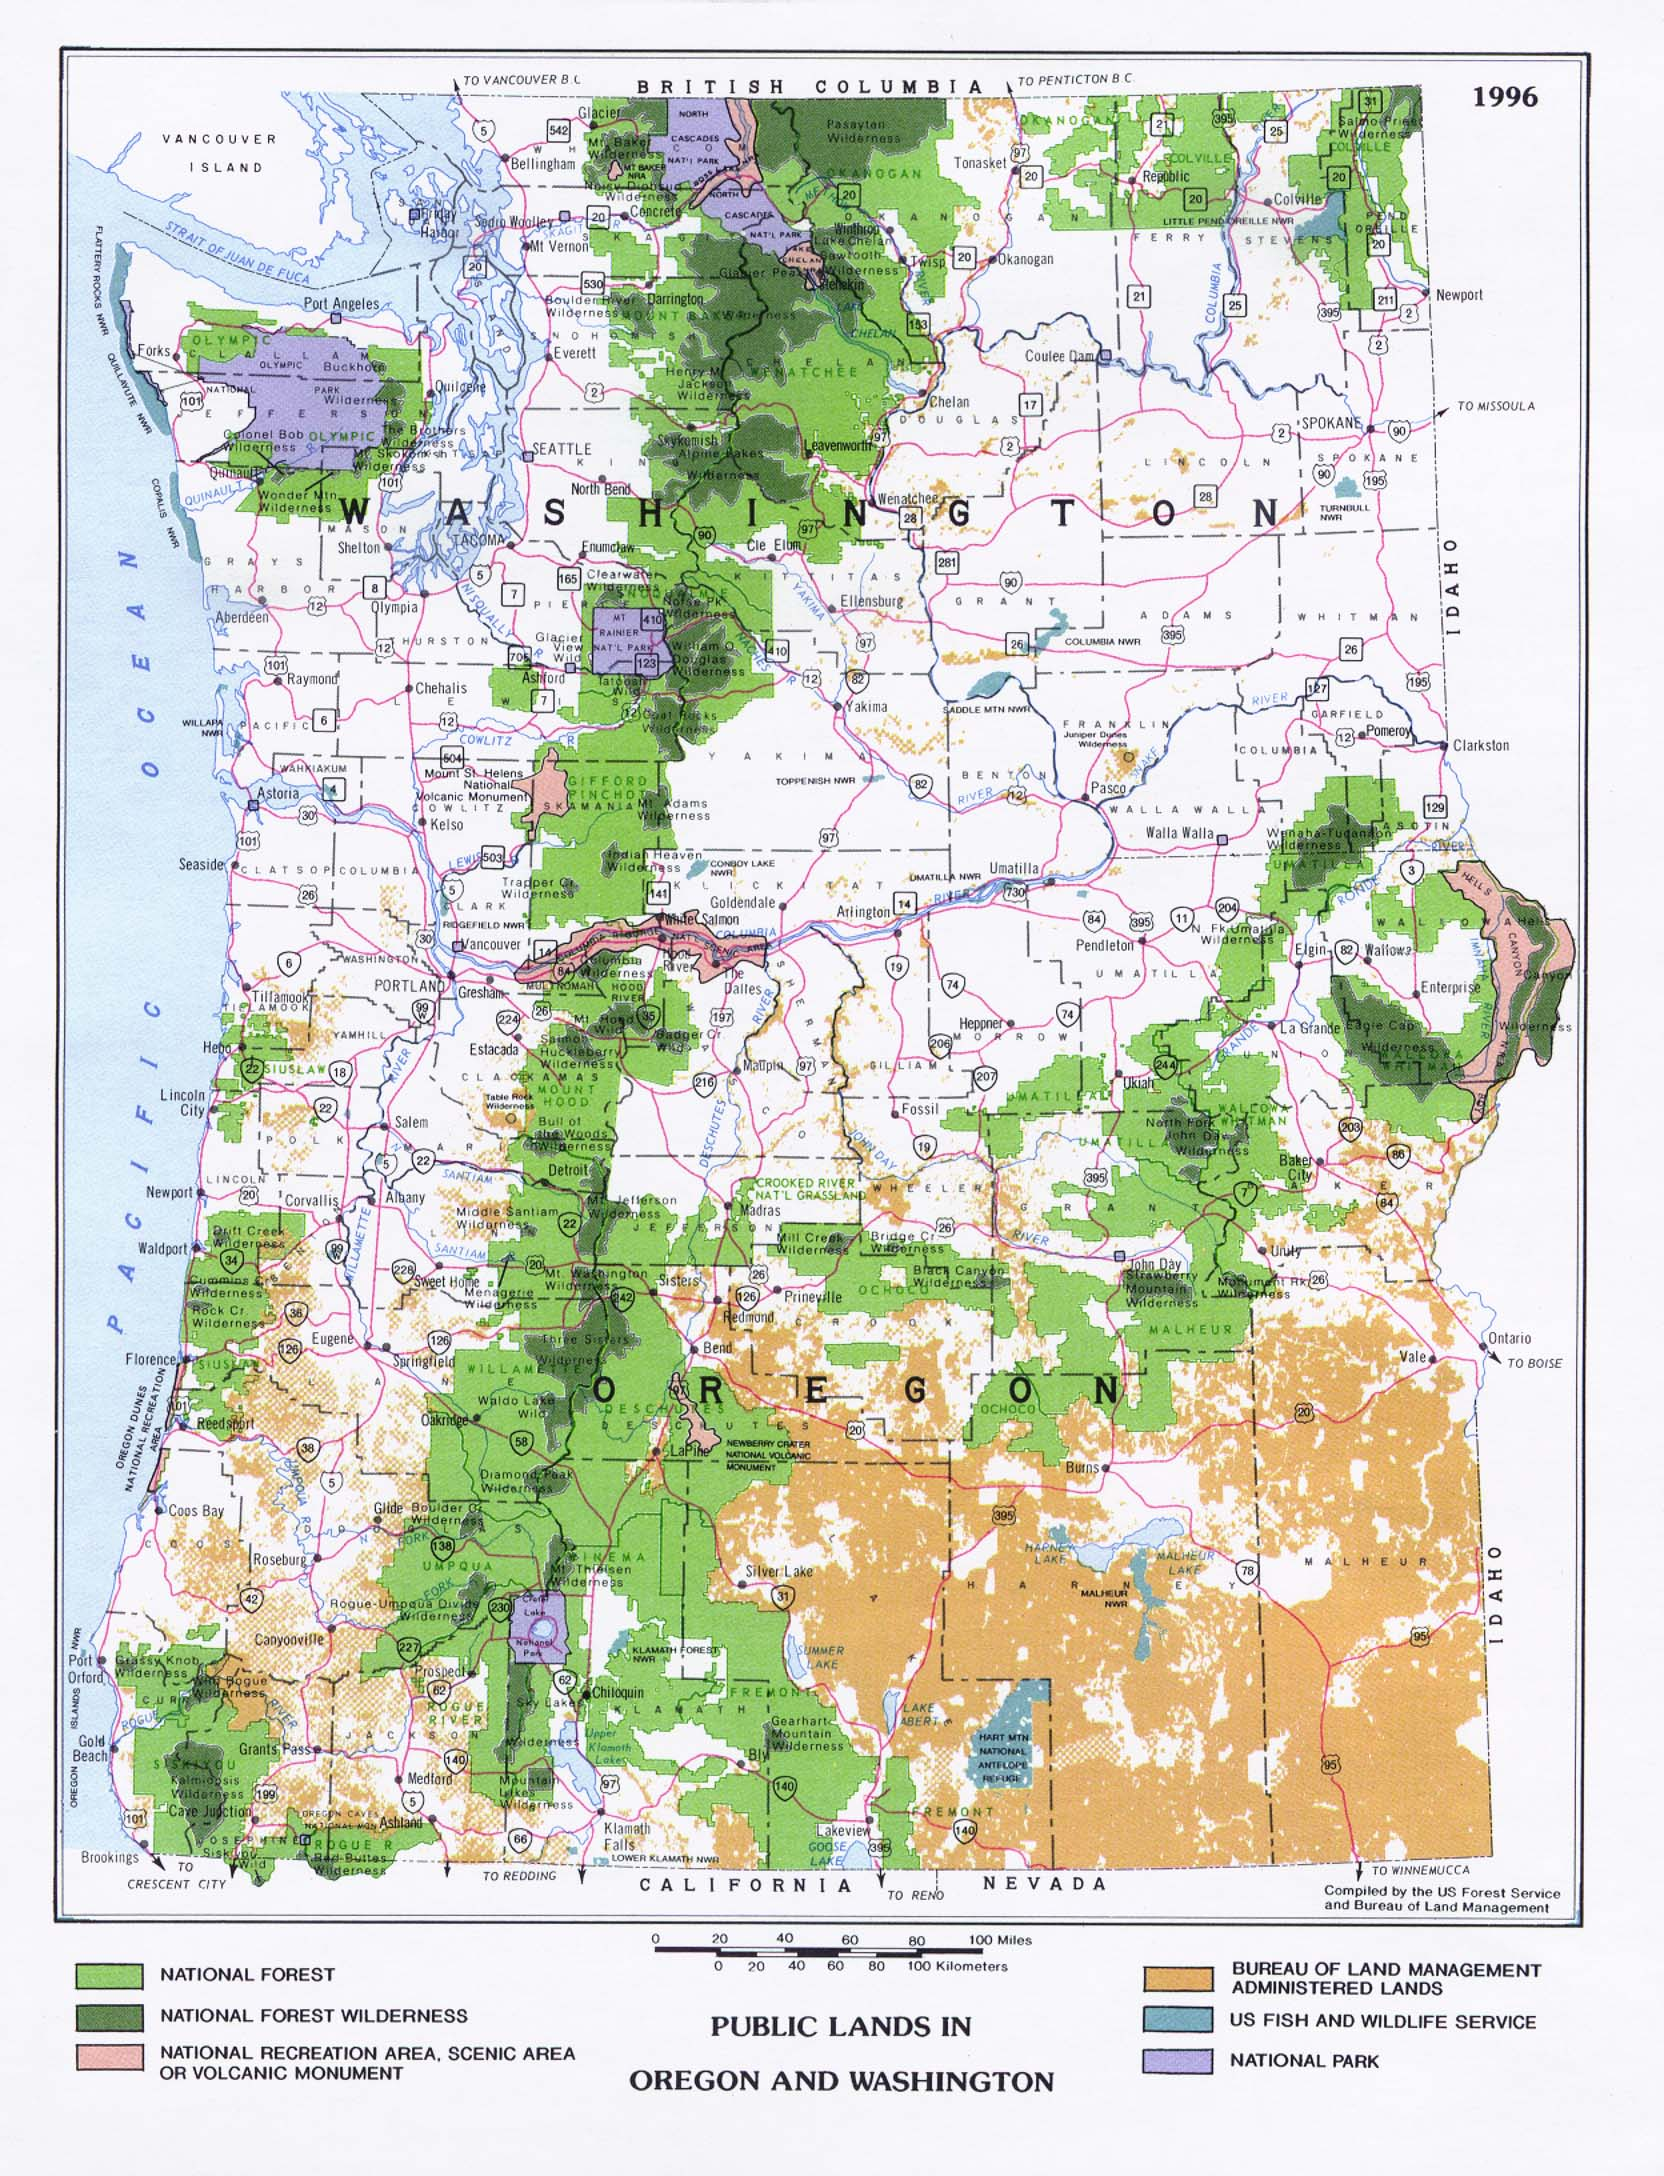 Mapa de las Tierras Públicas en Oregón y Washington, Estados Unidos